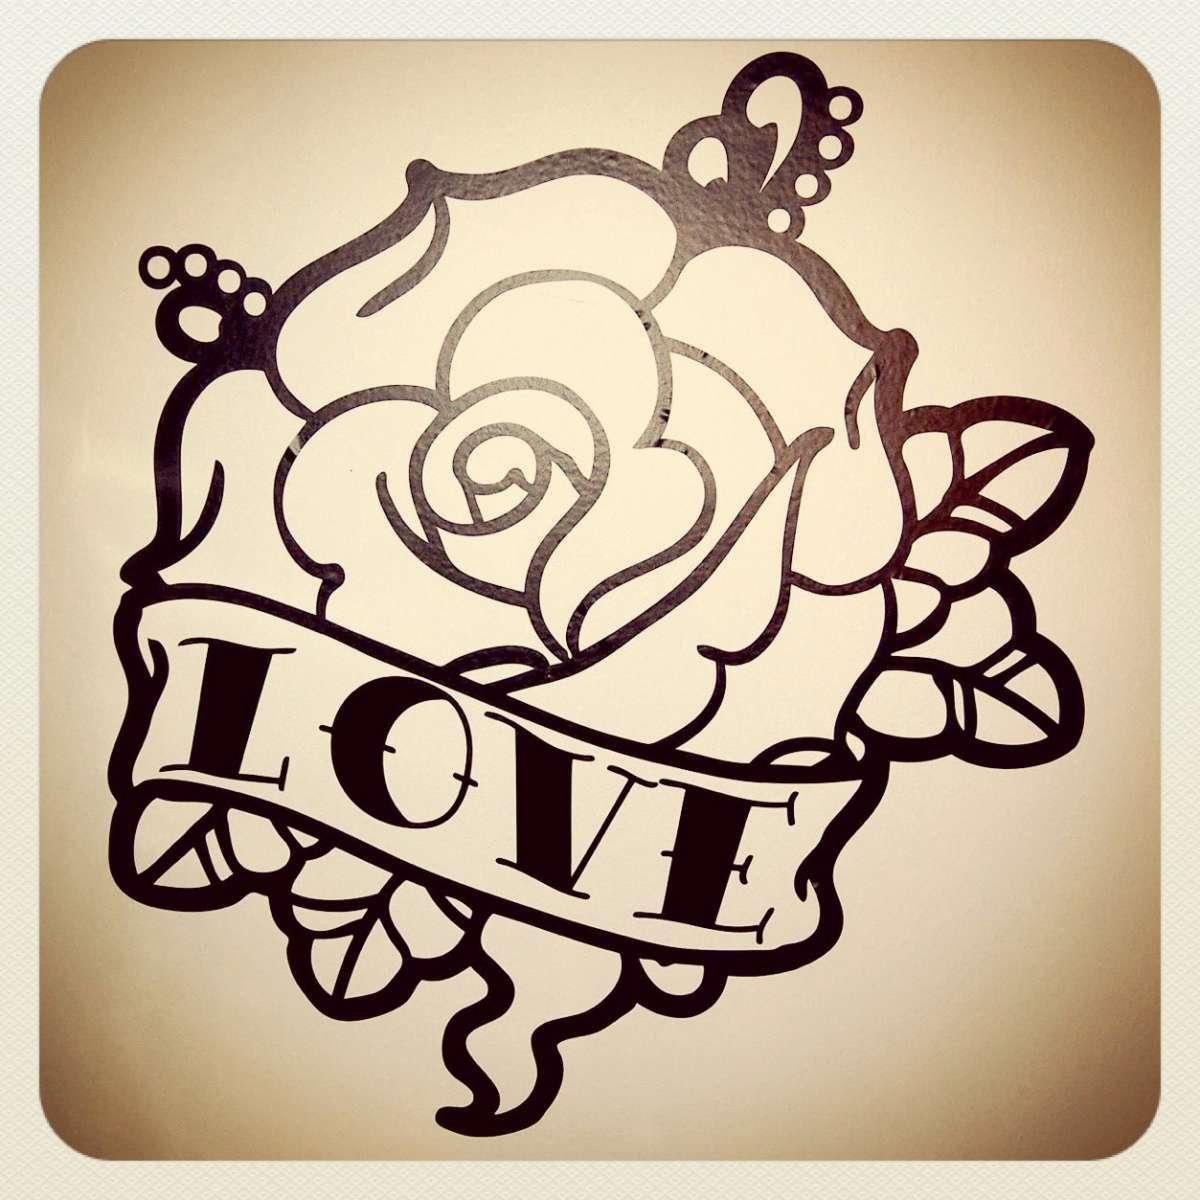 Tatuaggi old school tradizionali: rosa con scritta